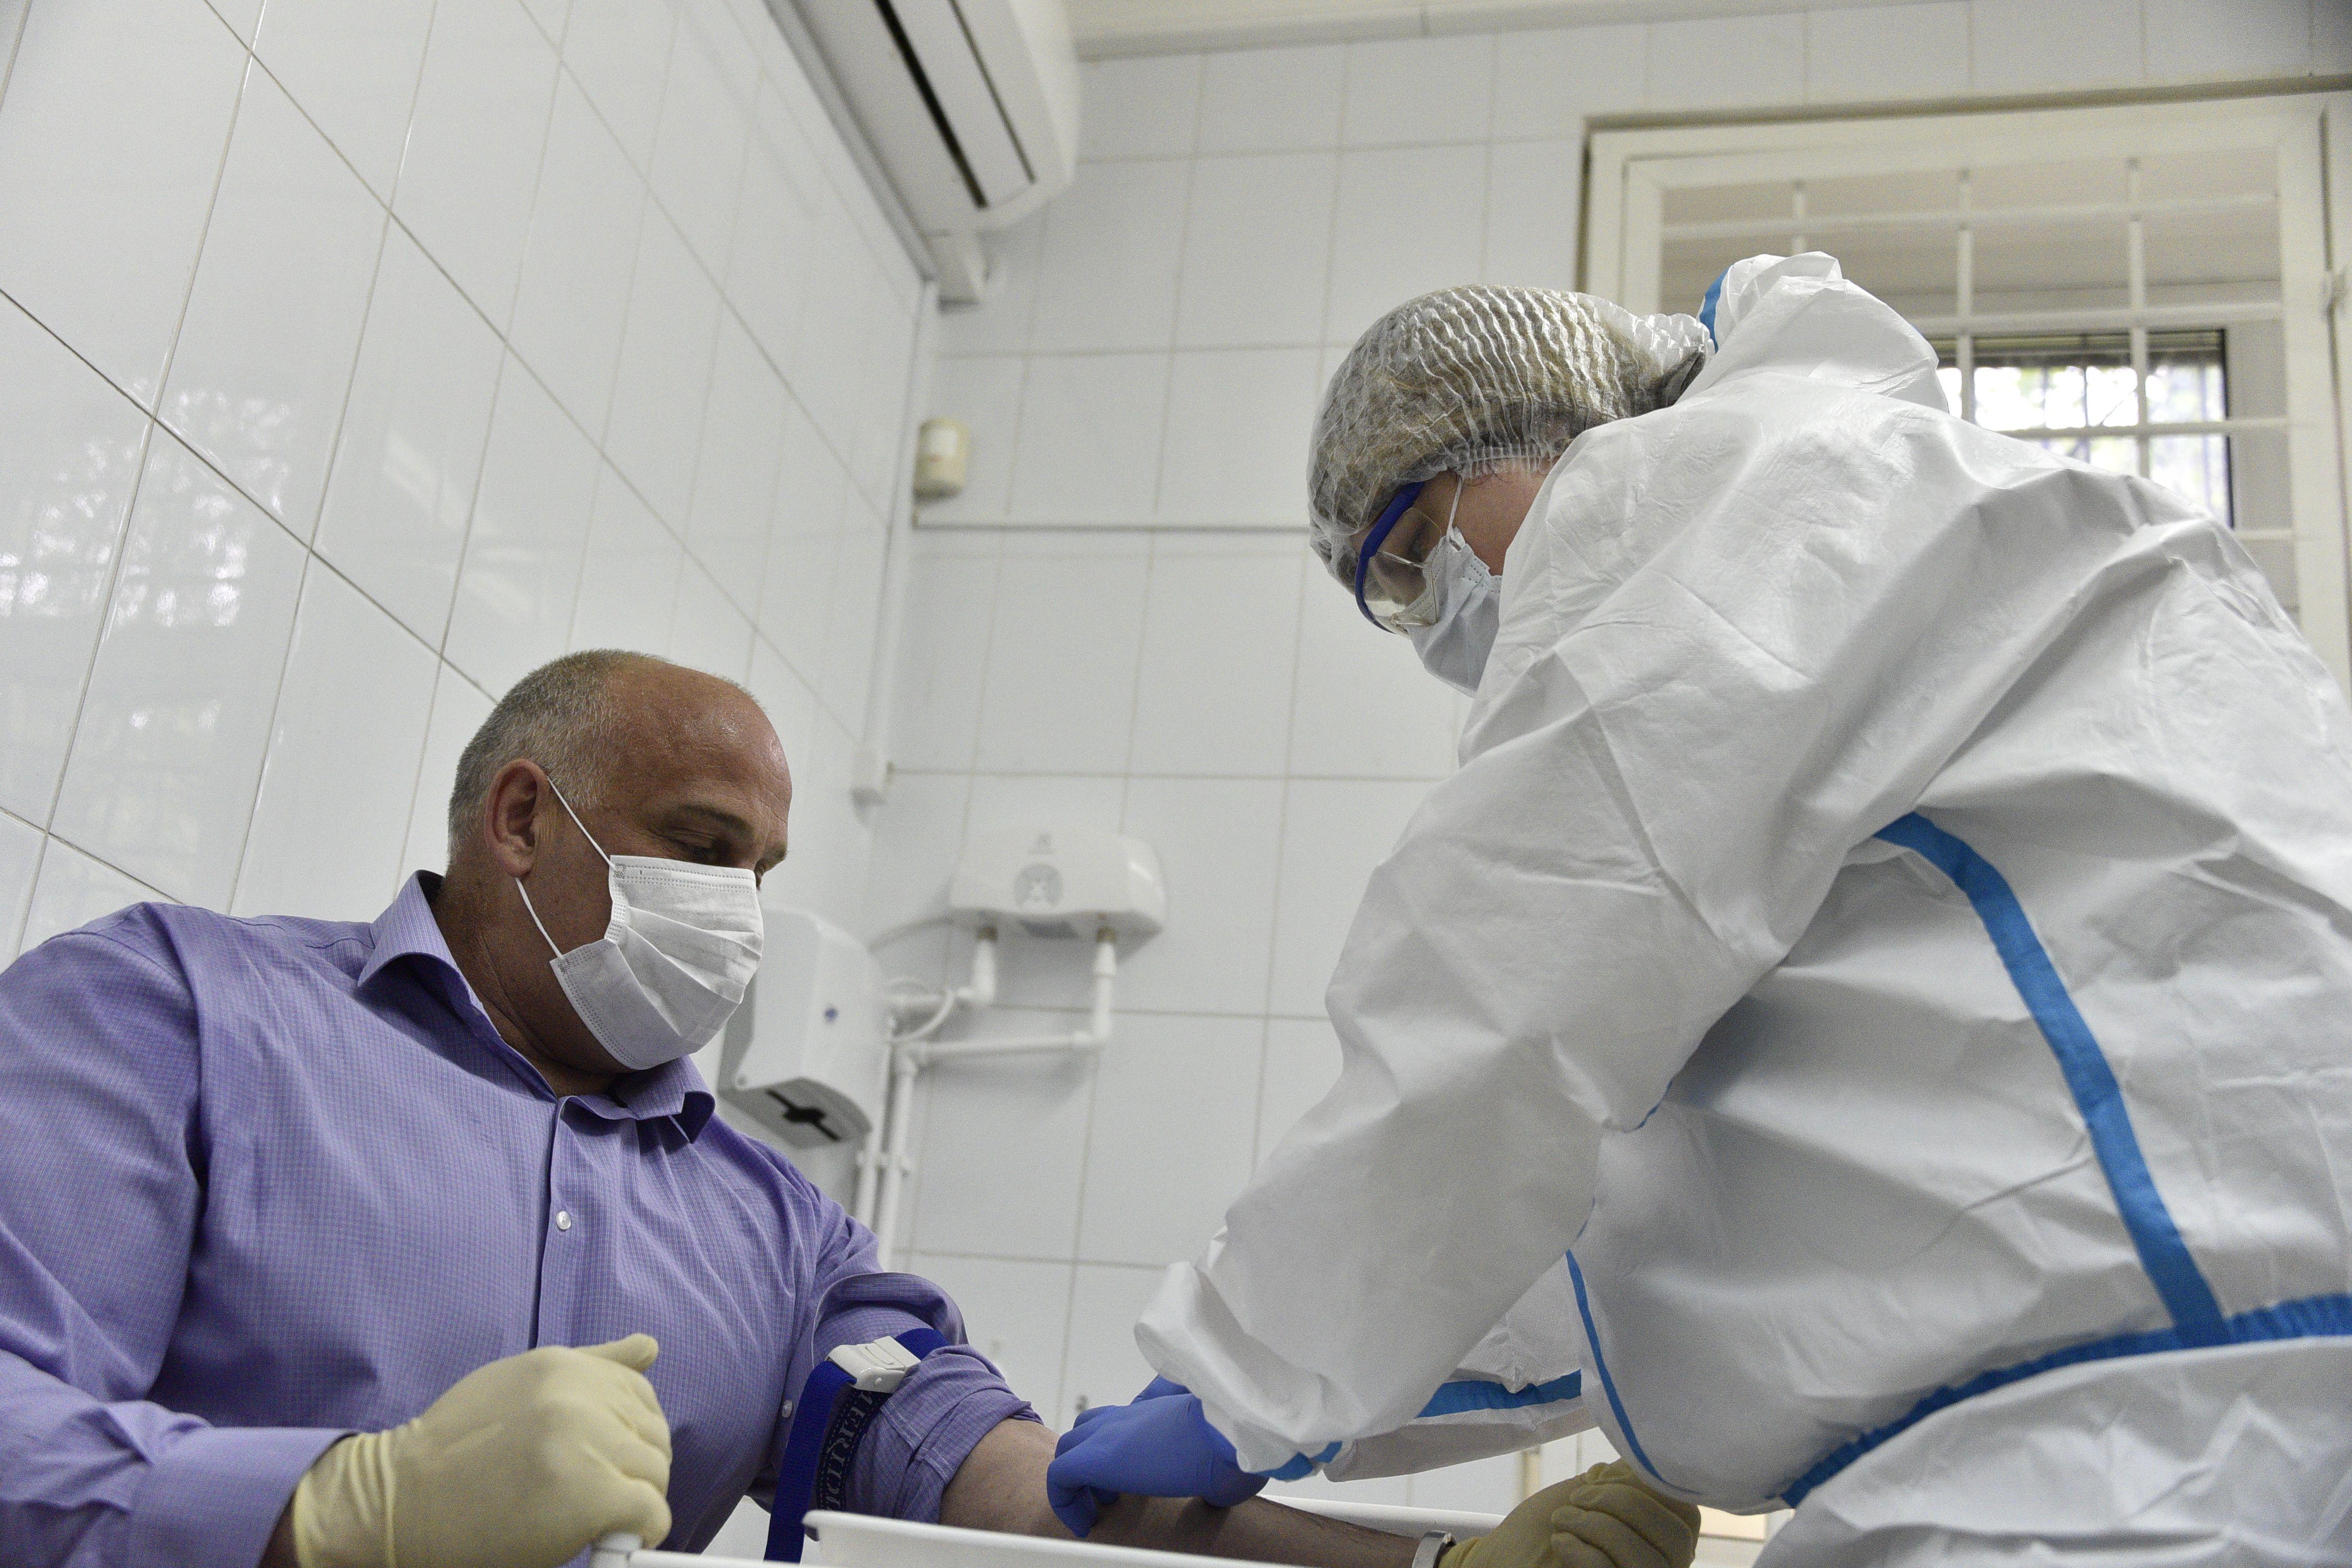 Новый тест поможет составить картину эпидемии